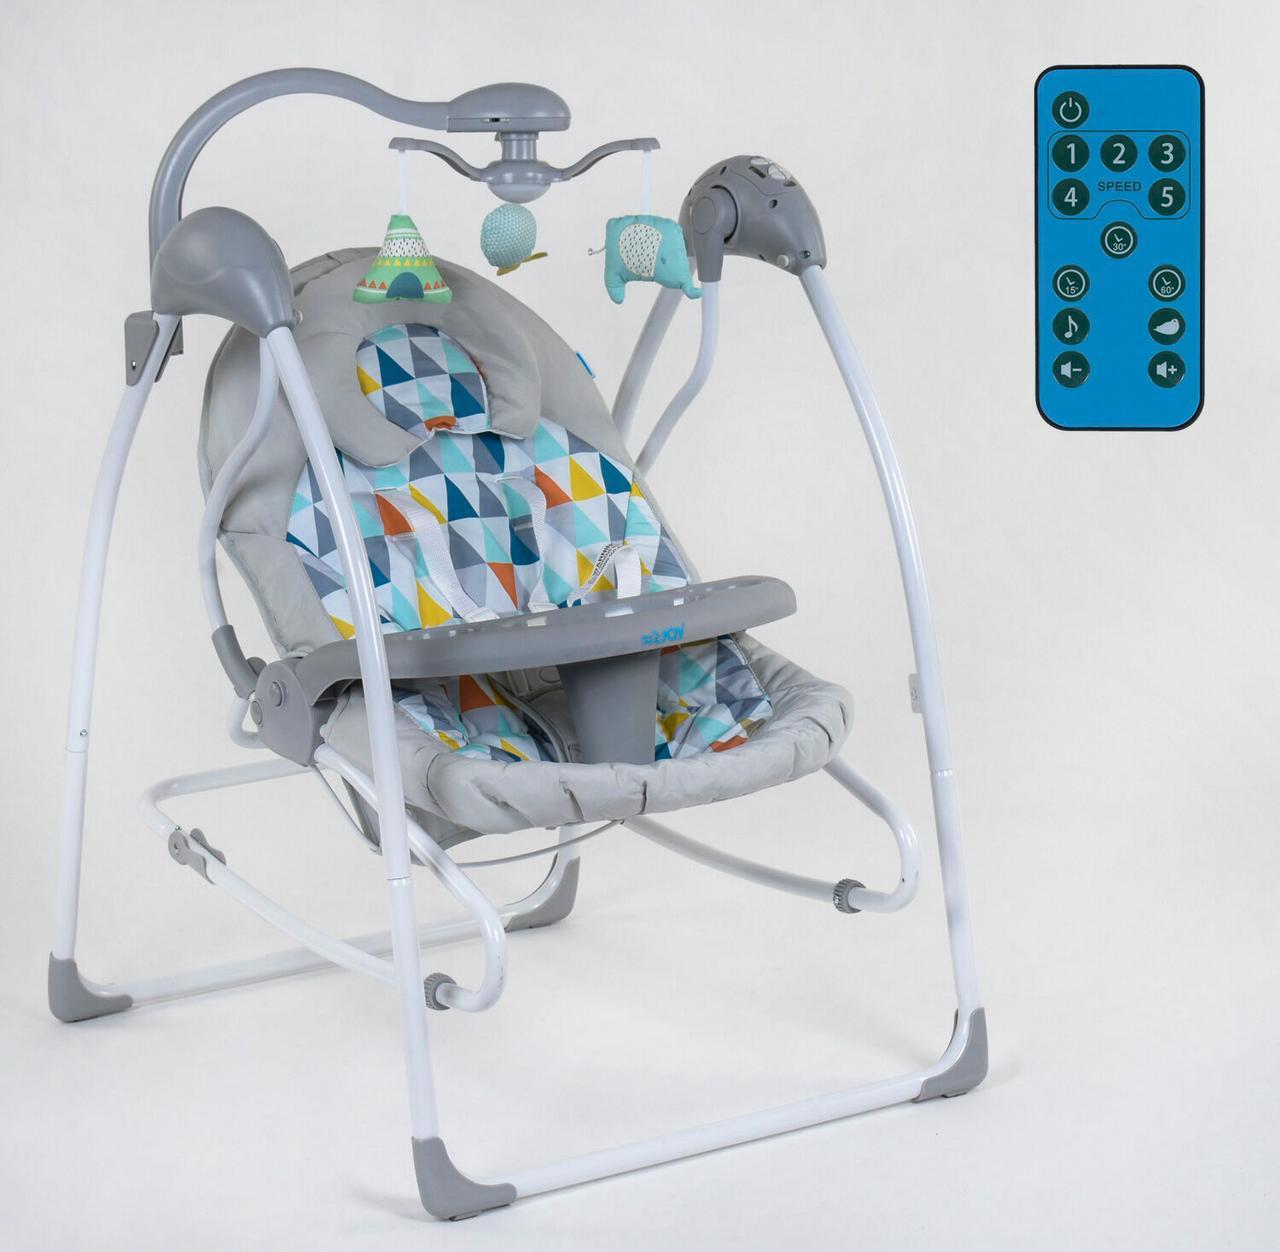 Электронные качели 3в1 СХ-40460 JOY качели, шезлонг, карусель, пульт д/у, работают от сети 220V и батареек